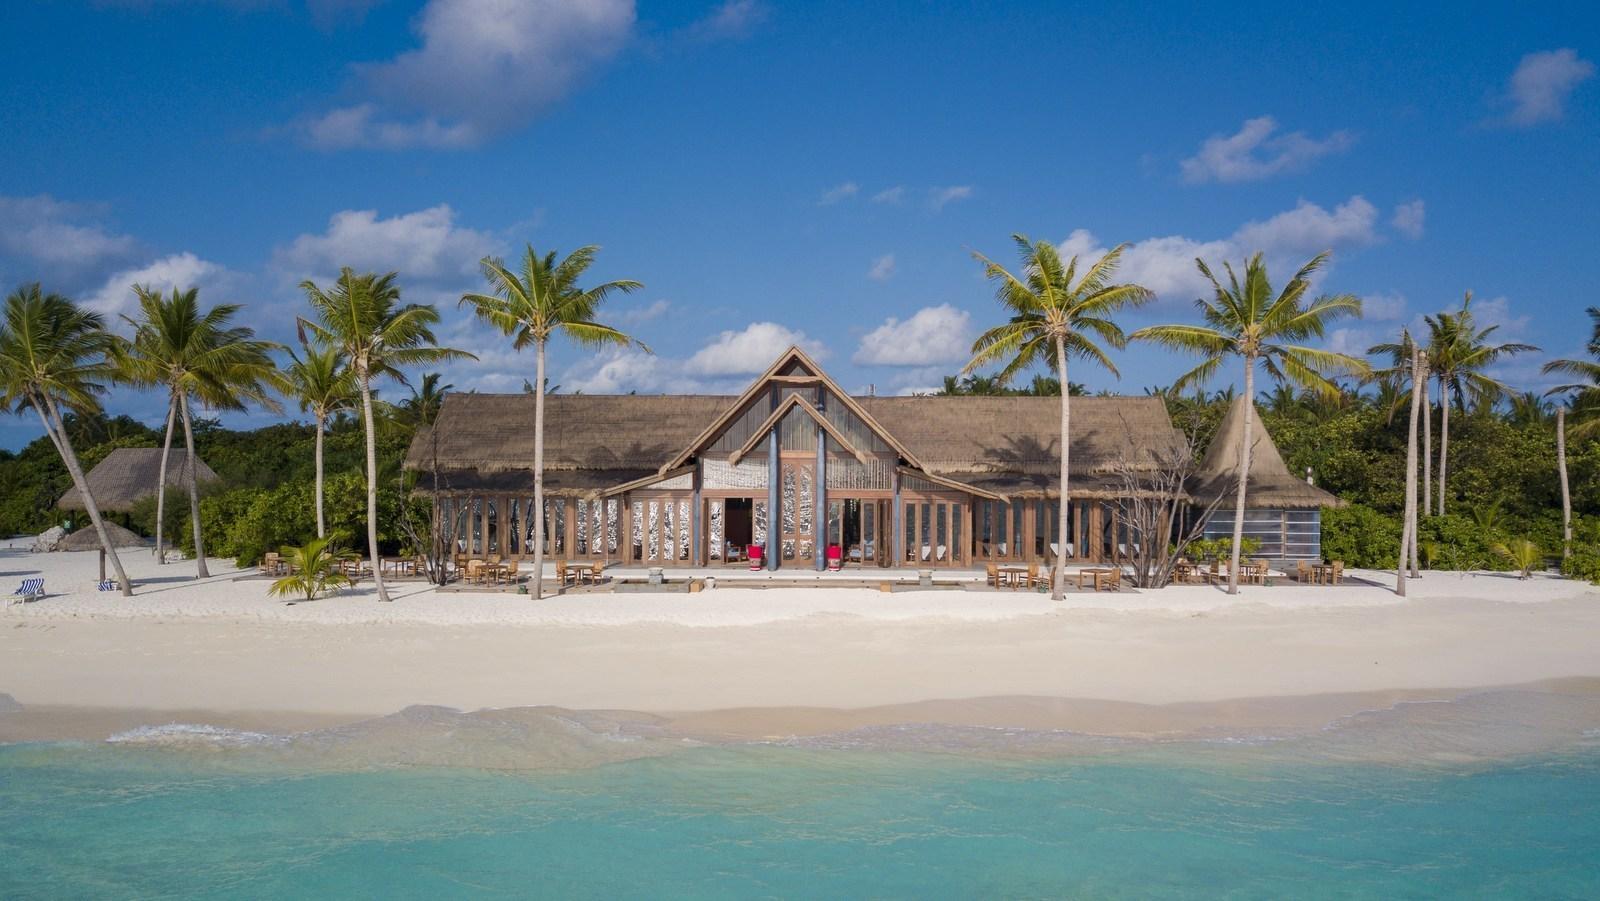 Мальдивы, отель Furaveri Island Resort, ресторан Raiyvilla